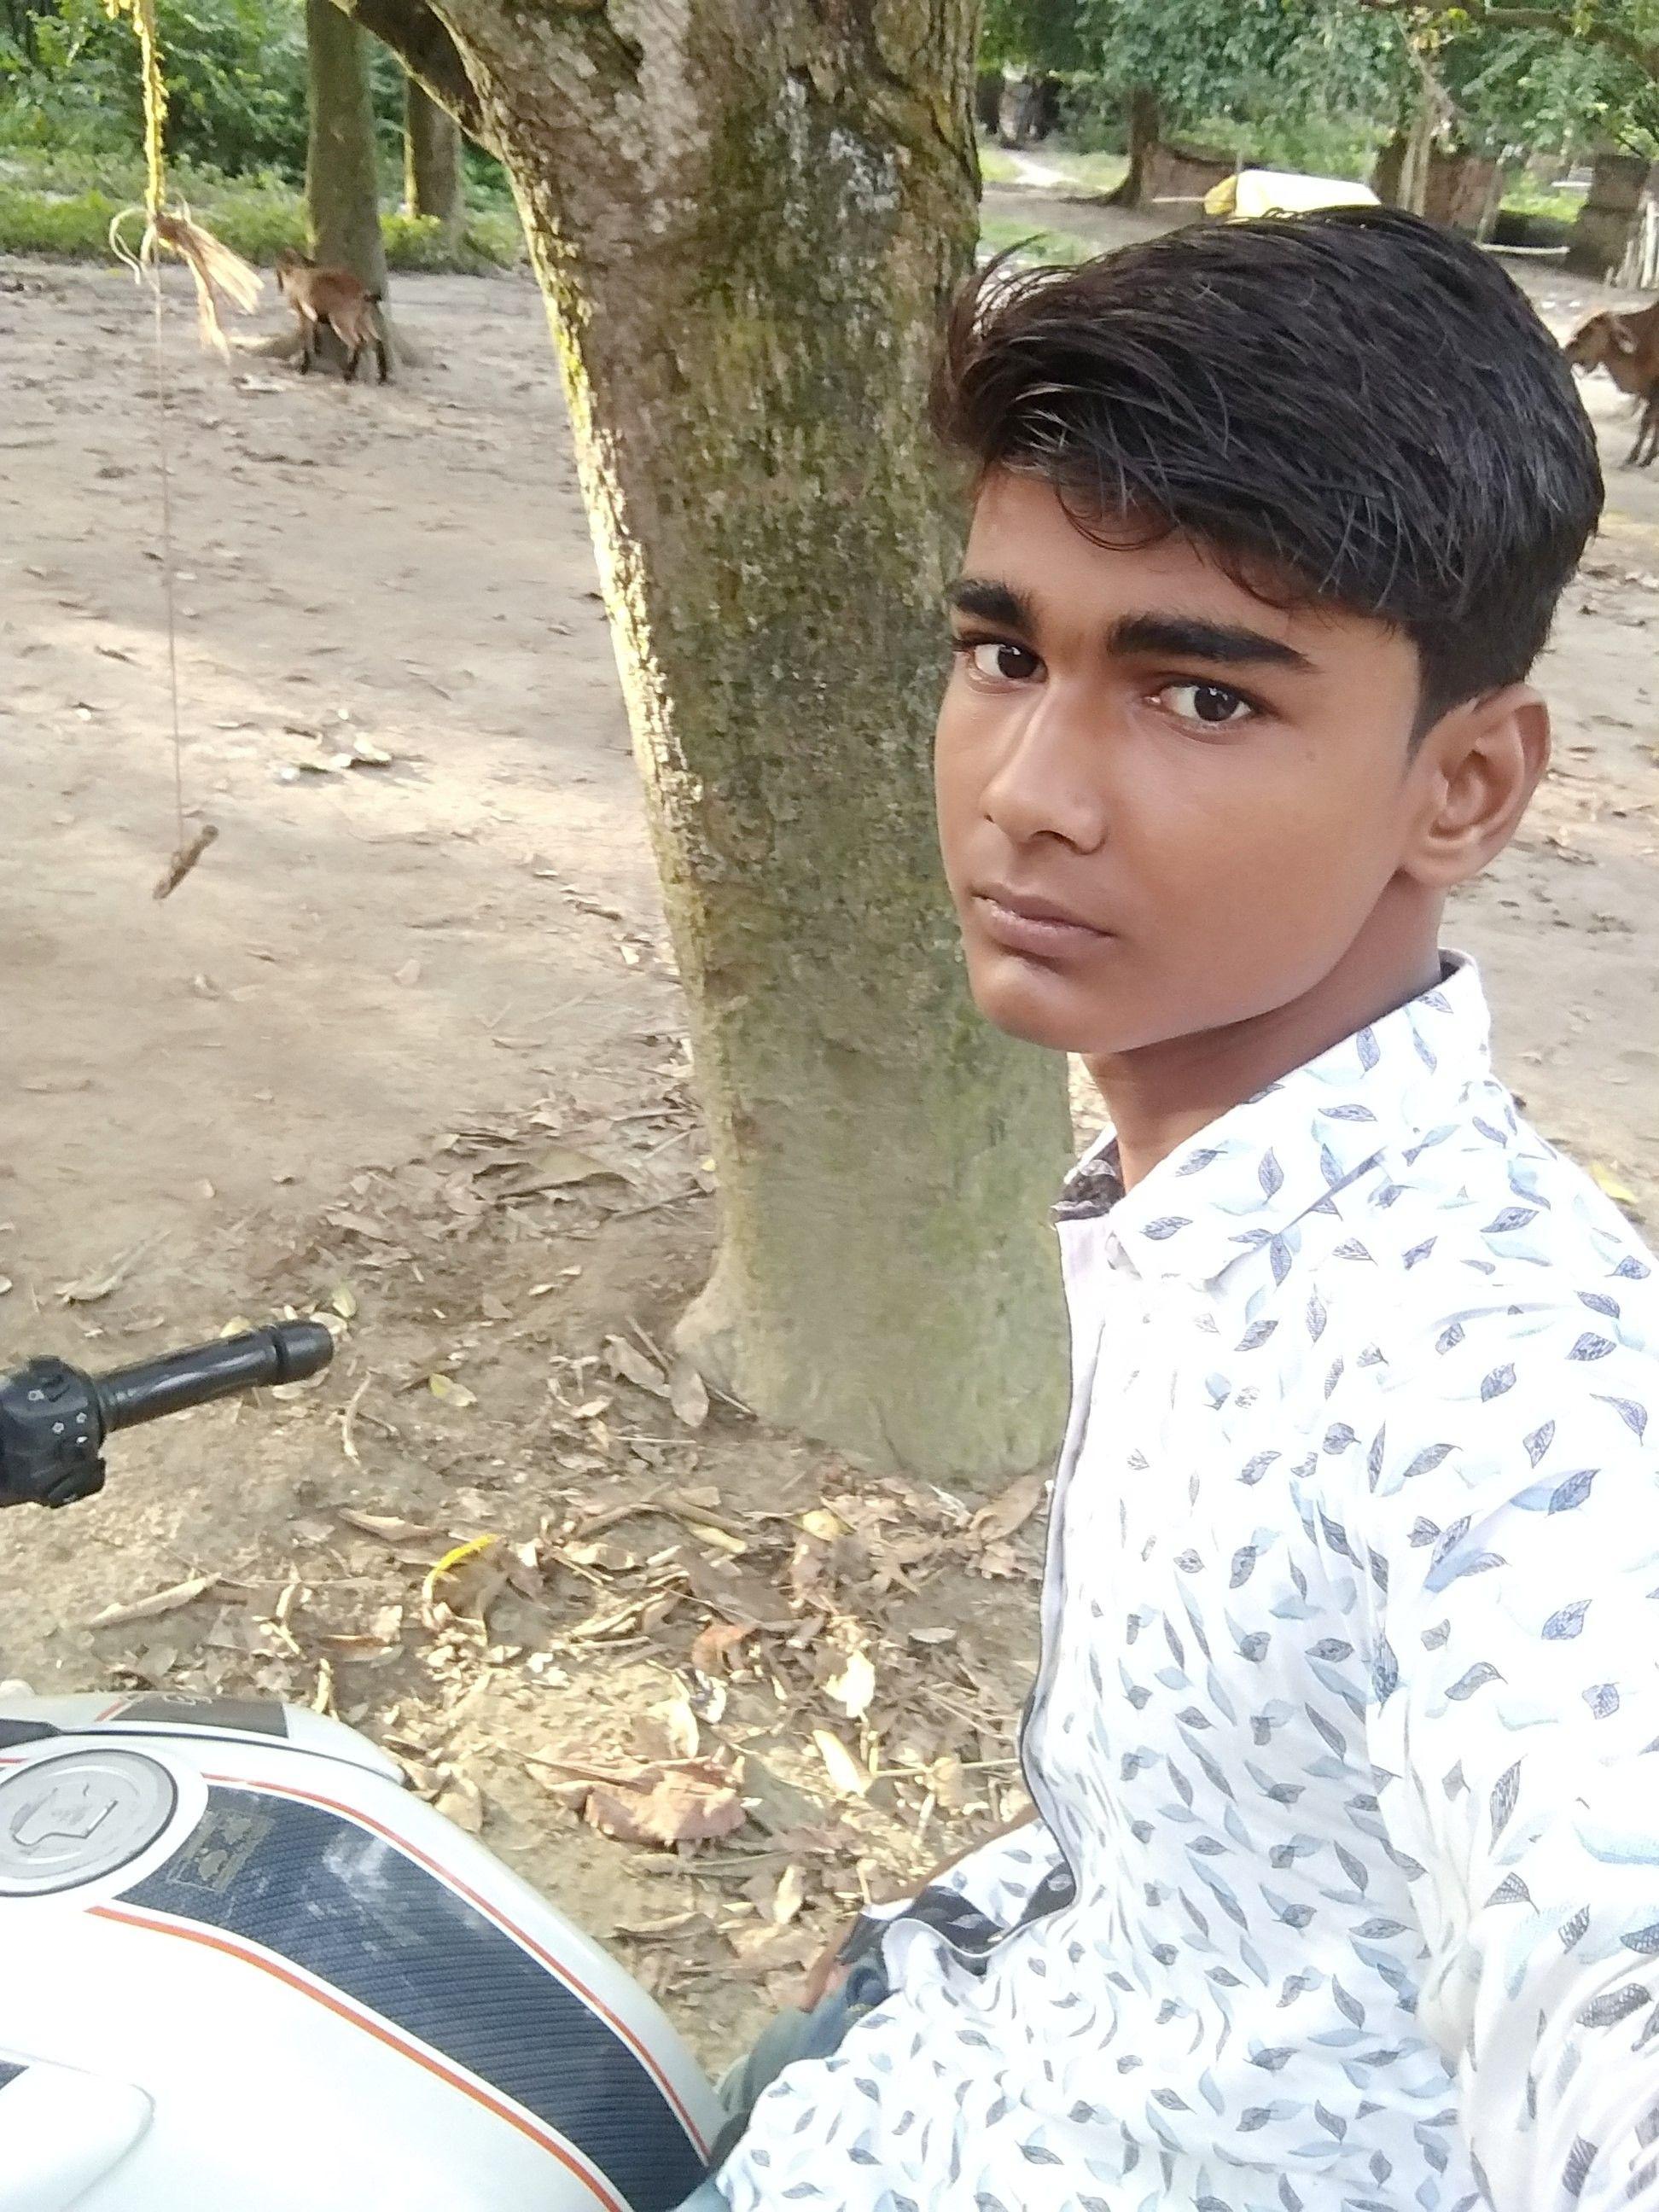 জন্মদিনৰ শুভেচ্ছা - ShareChat